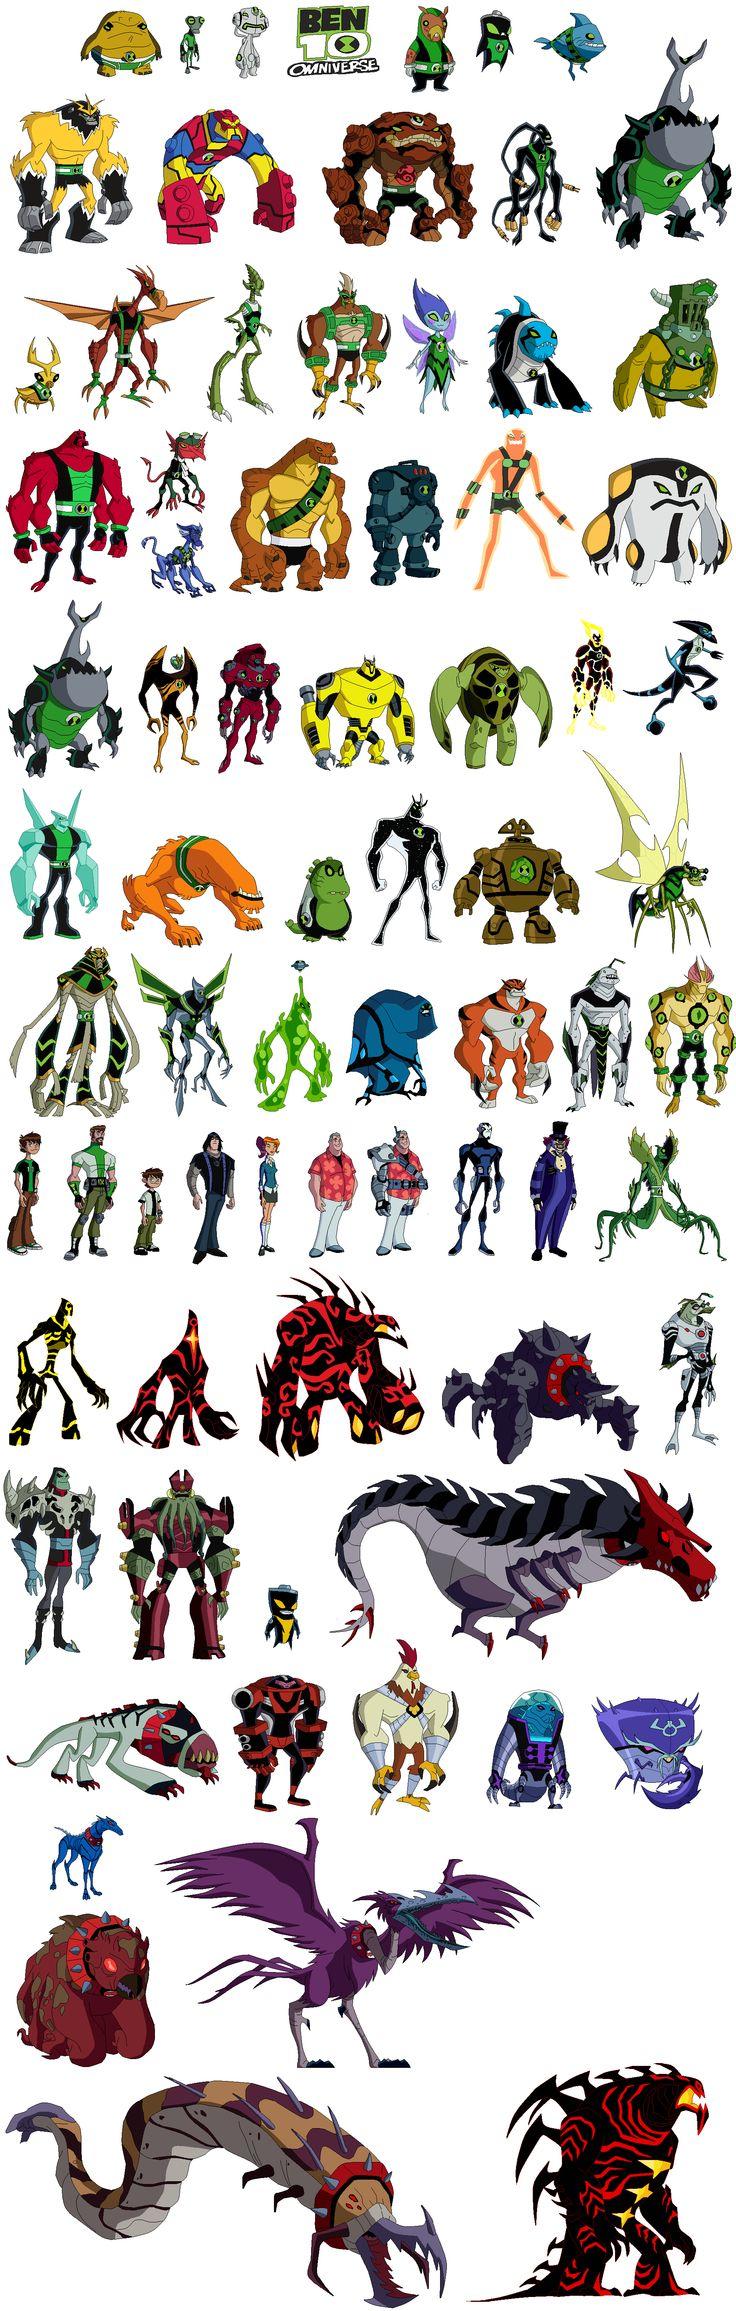 Jogos do ben 10 omniverse aliens gratis - Ben ten alien x ...